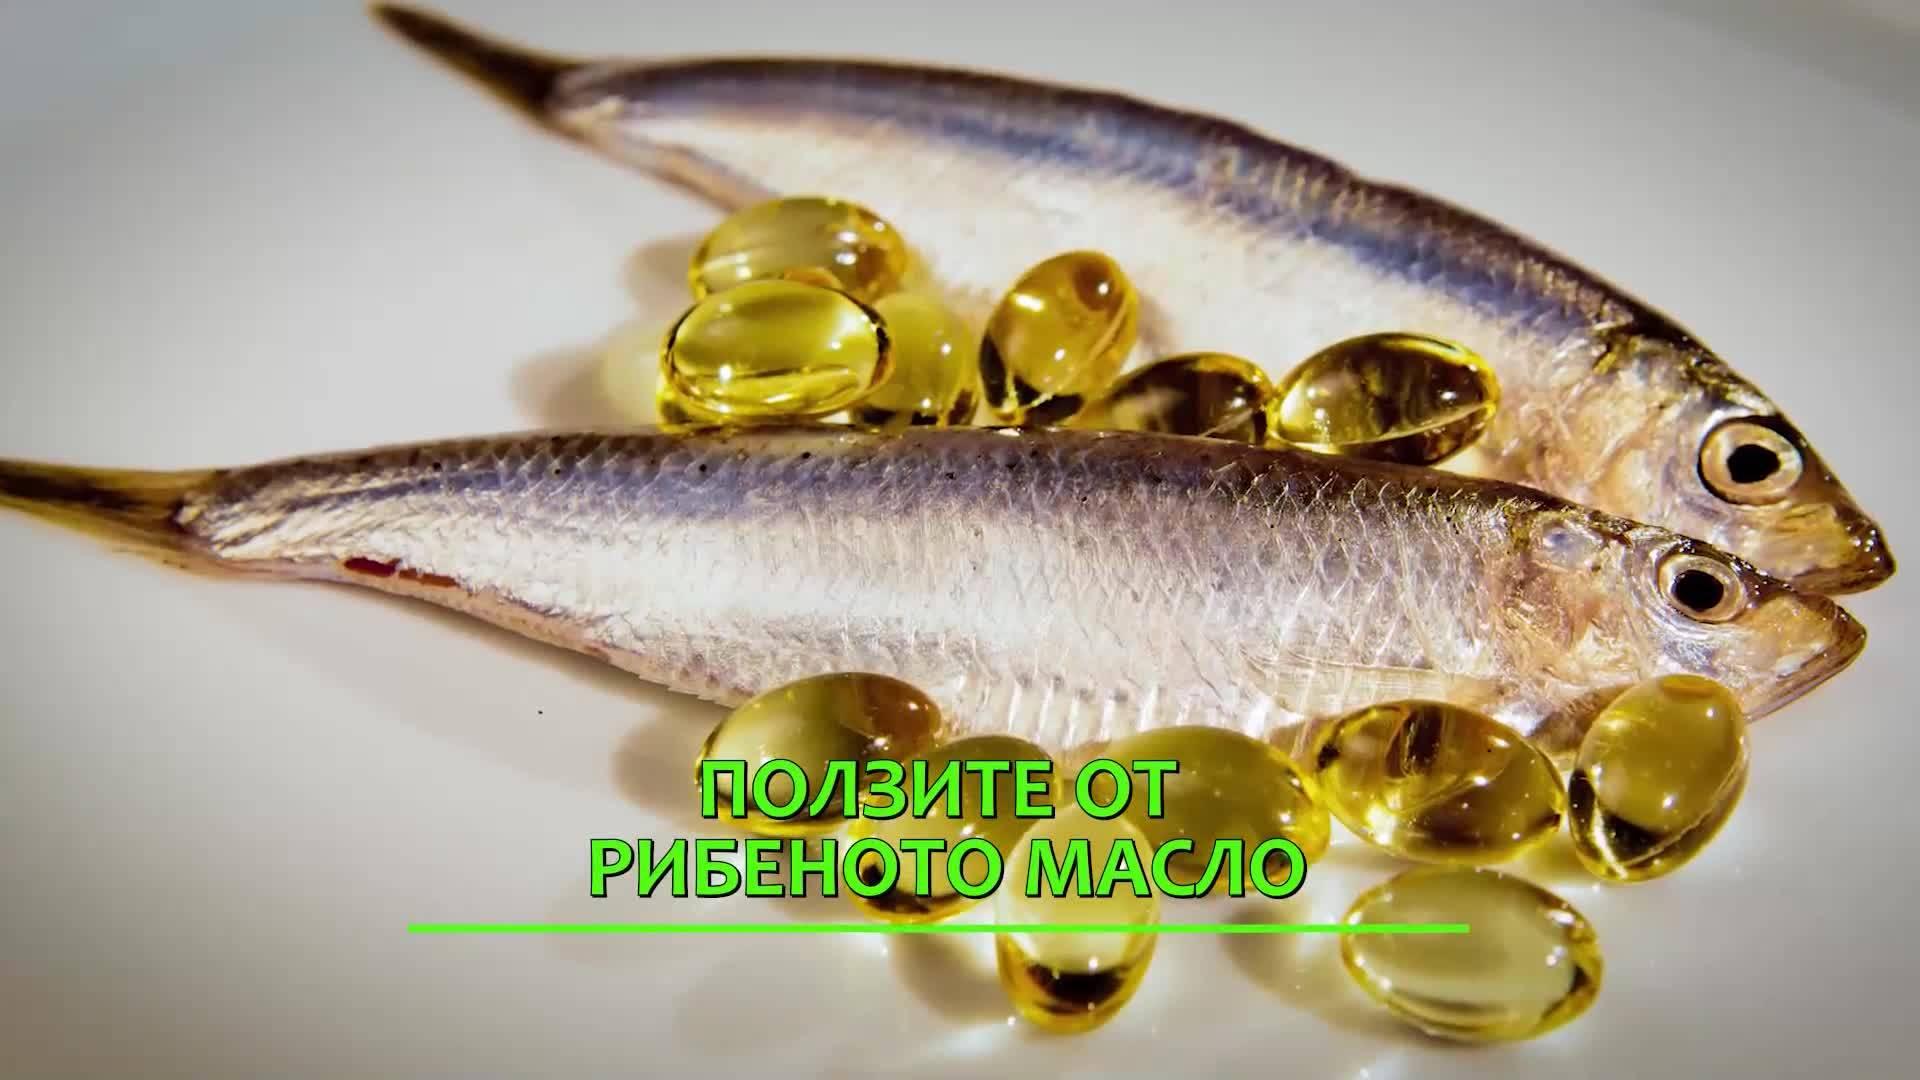 Вълшебното рибено масло